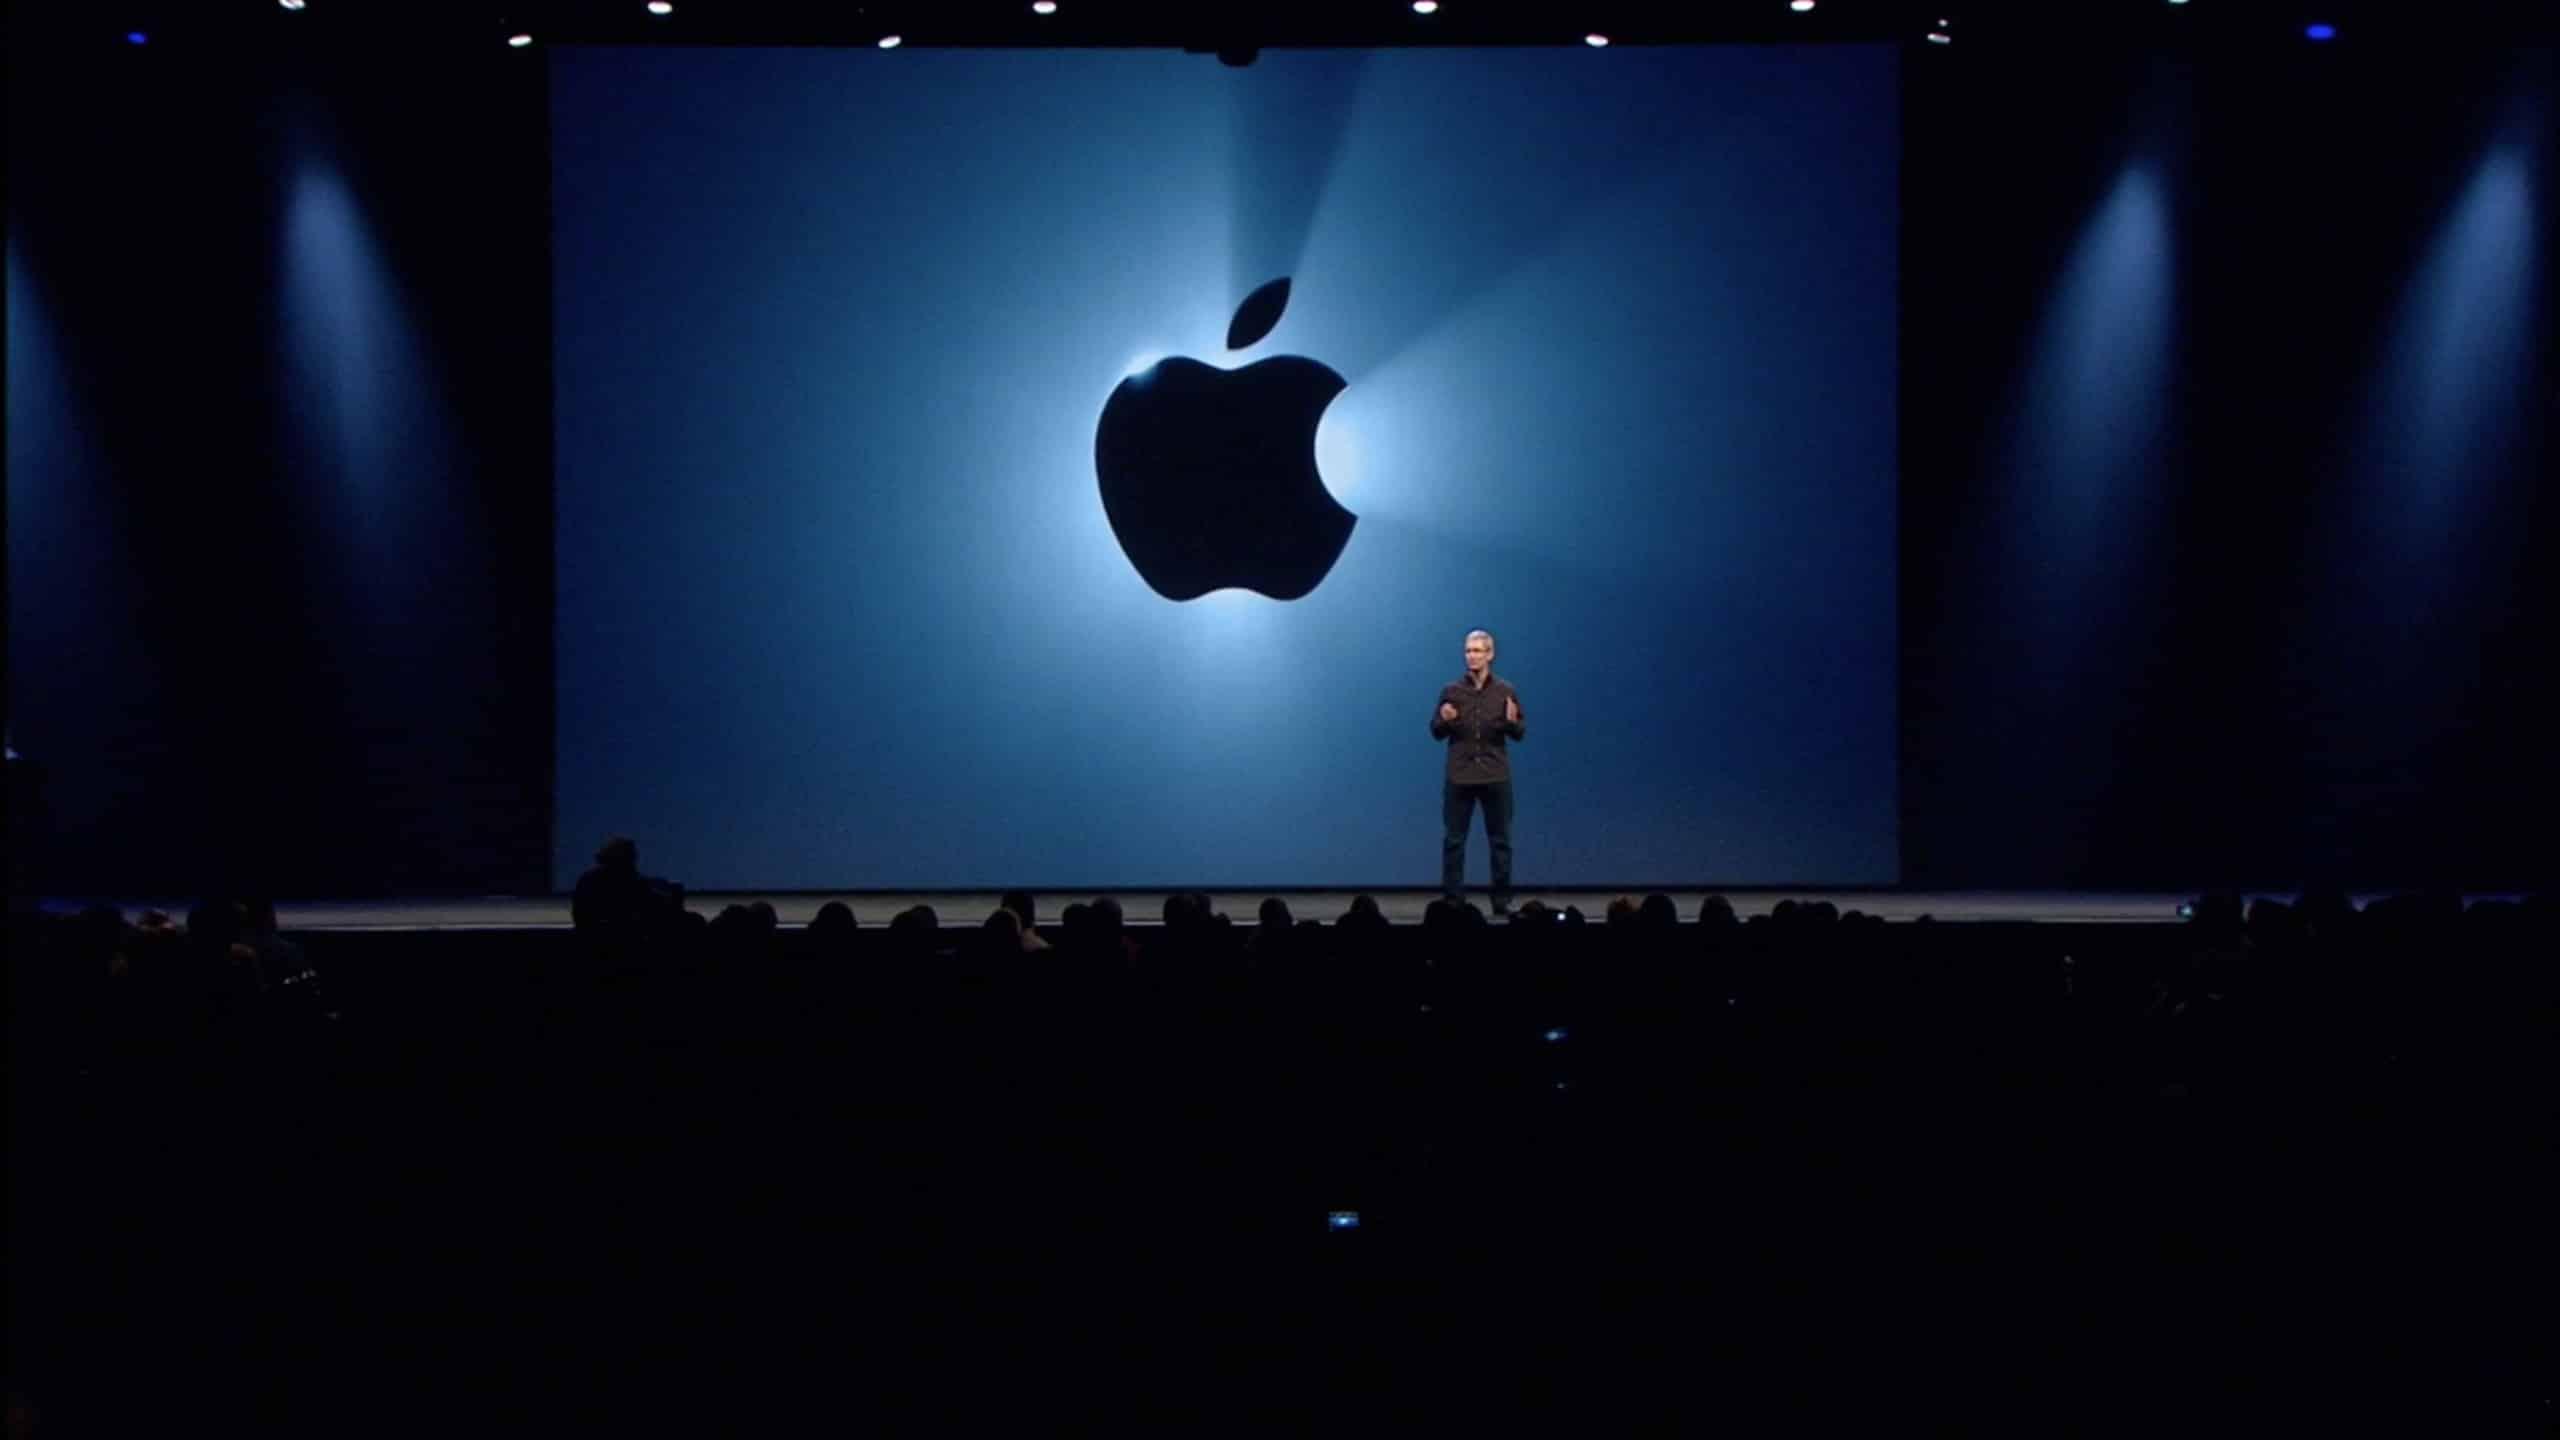 Apple a invité des journalistes à un événement le 21 mars au cours duquel il pourrait dévoiler de nouveaux produits